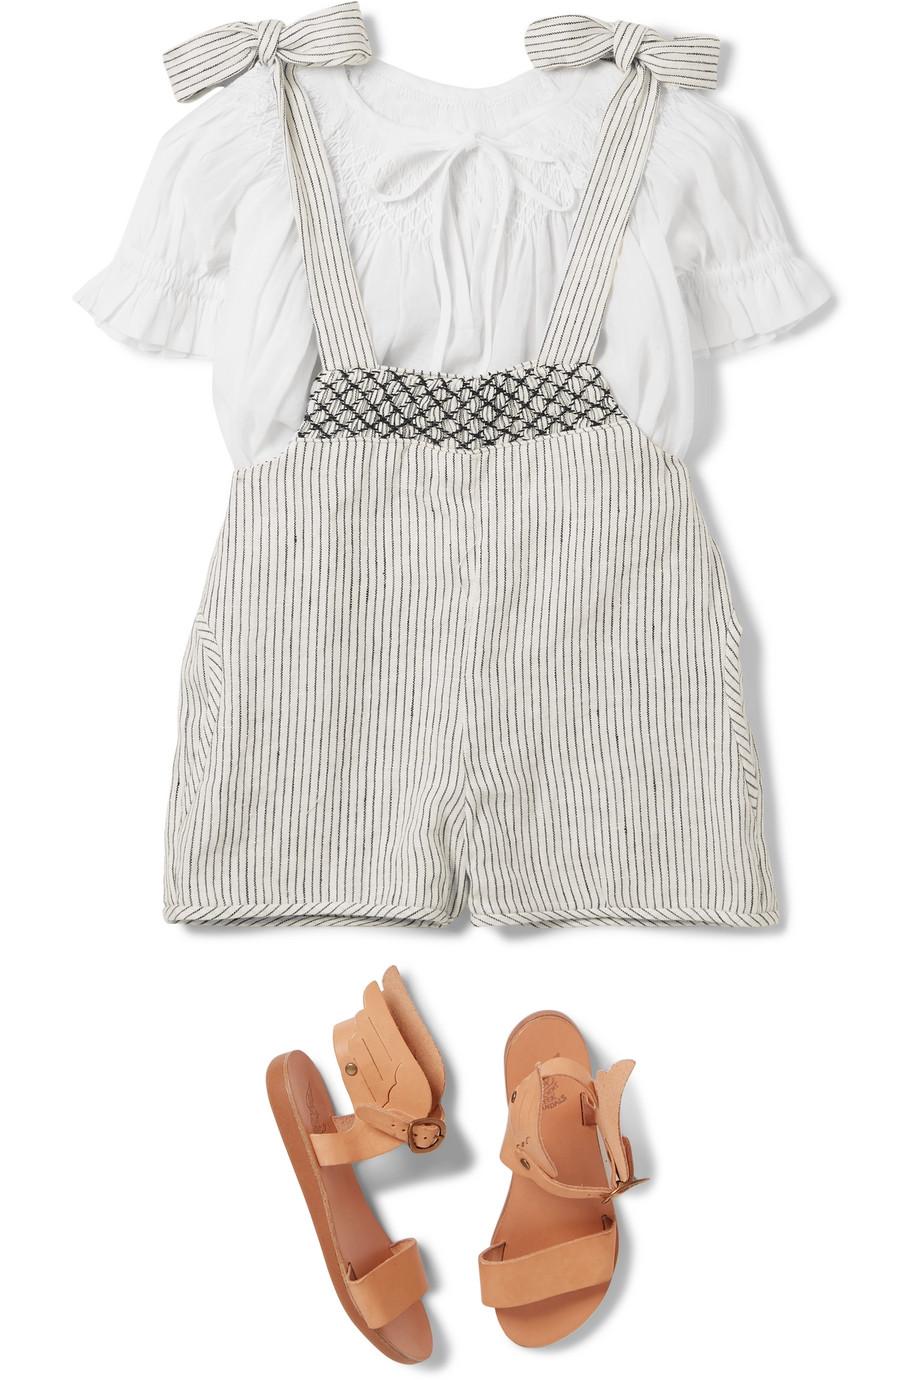 Innika Choo Kids 皱褶装饰条纹亚麻背带裤和纯棉上衣套装